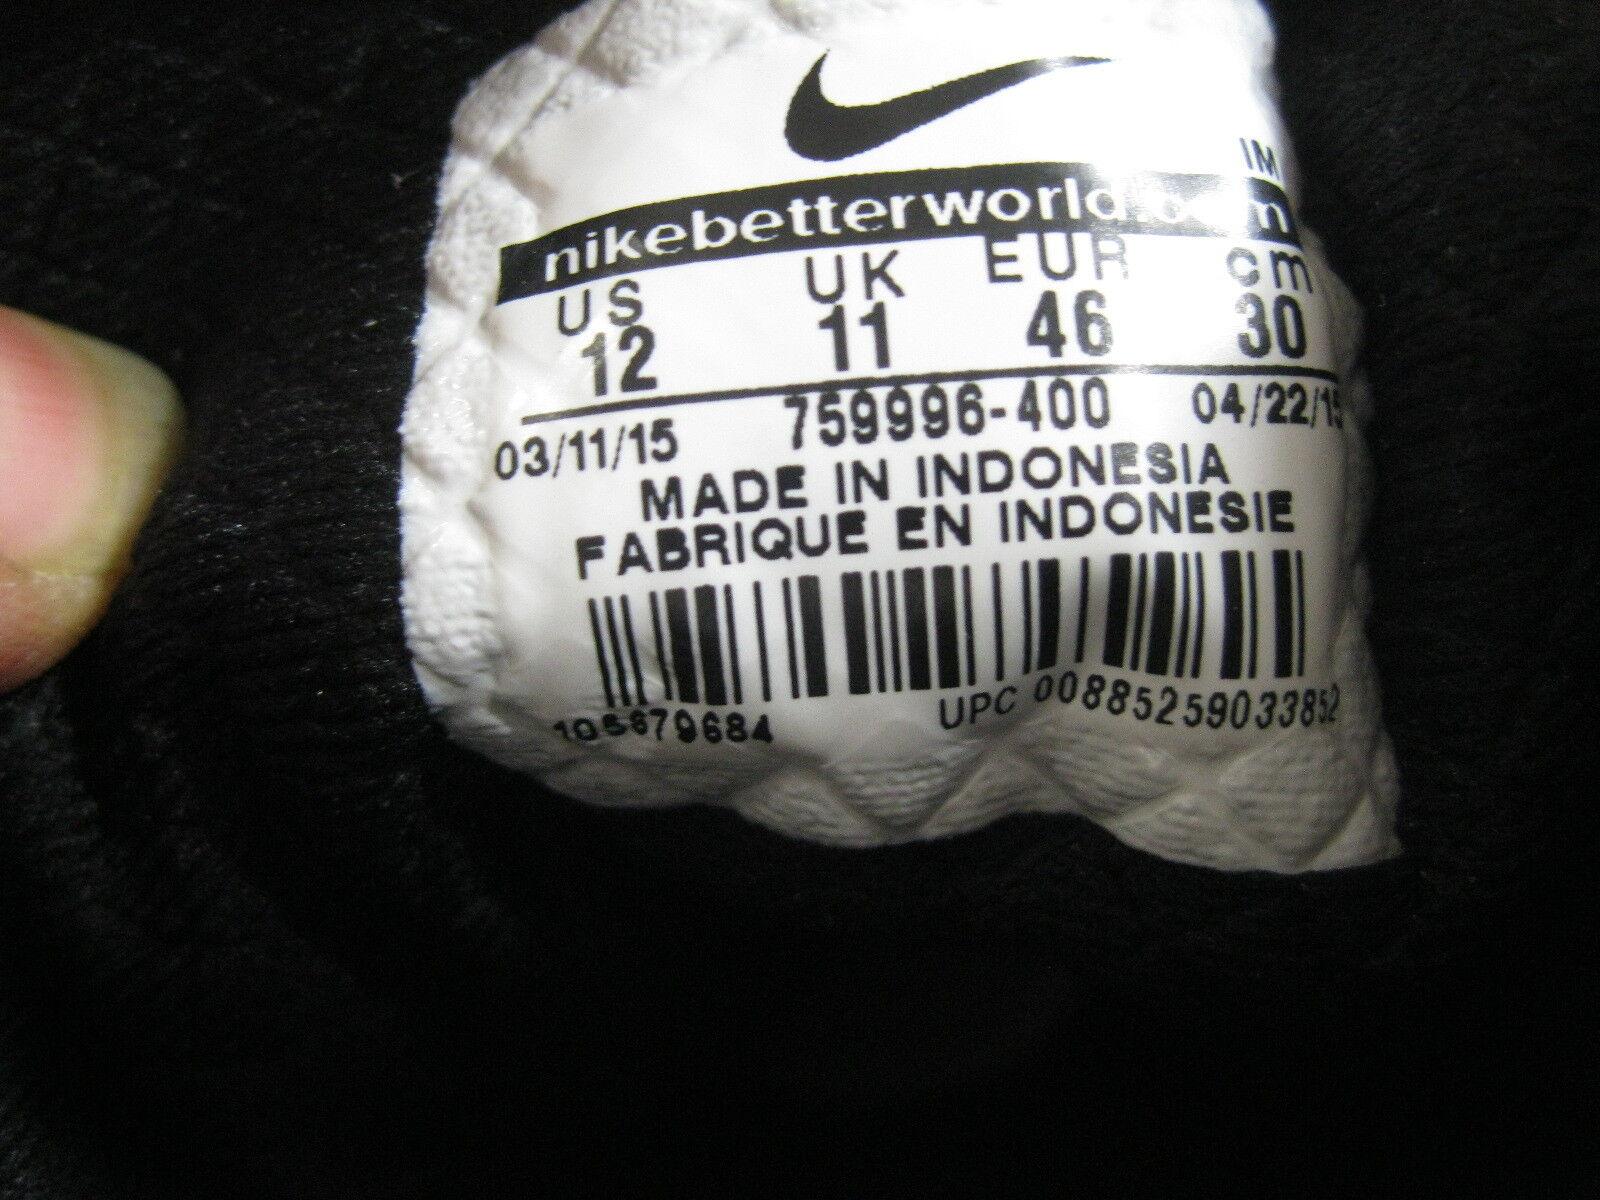 Nuovo Nike Uomo Medio Basket Blu Ossidiana / Vela Nero / Nero Vela 759996 400 Taglia 12 9d78d6